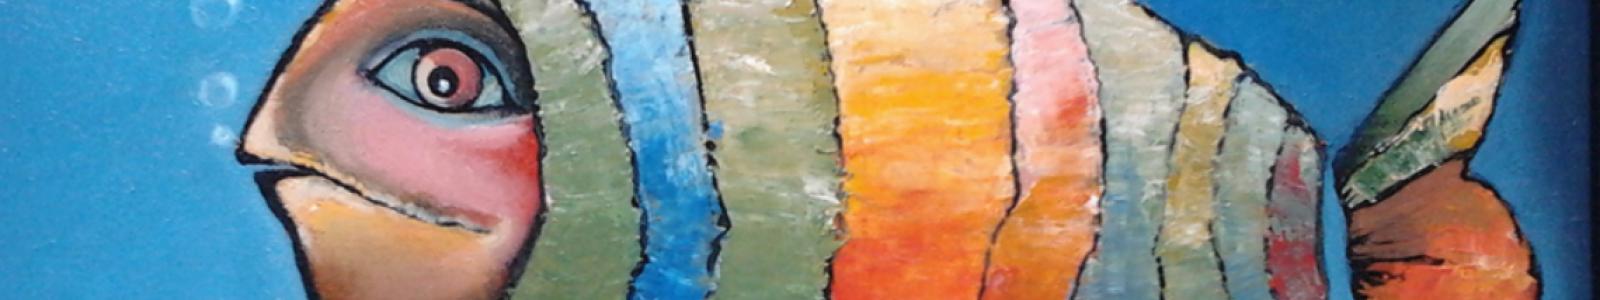 Gallery Painter Olga Vasilchenko